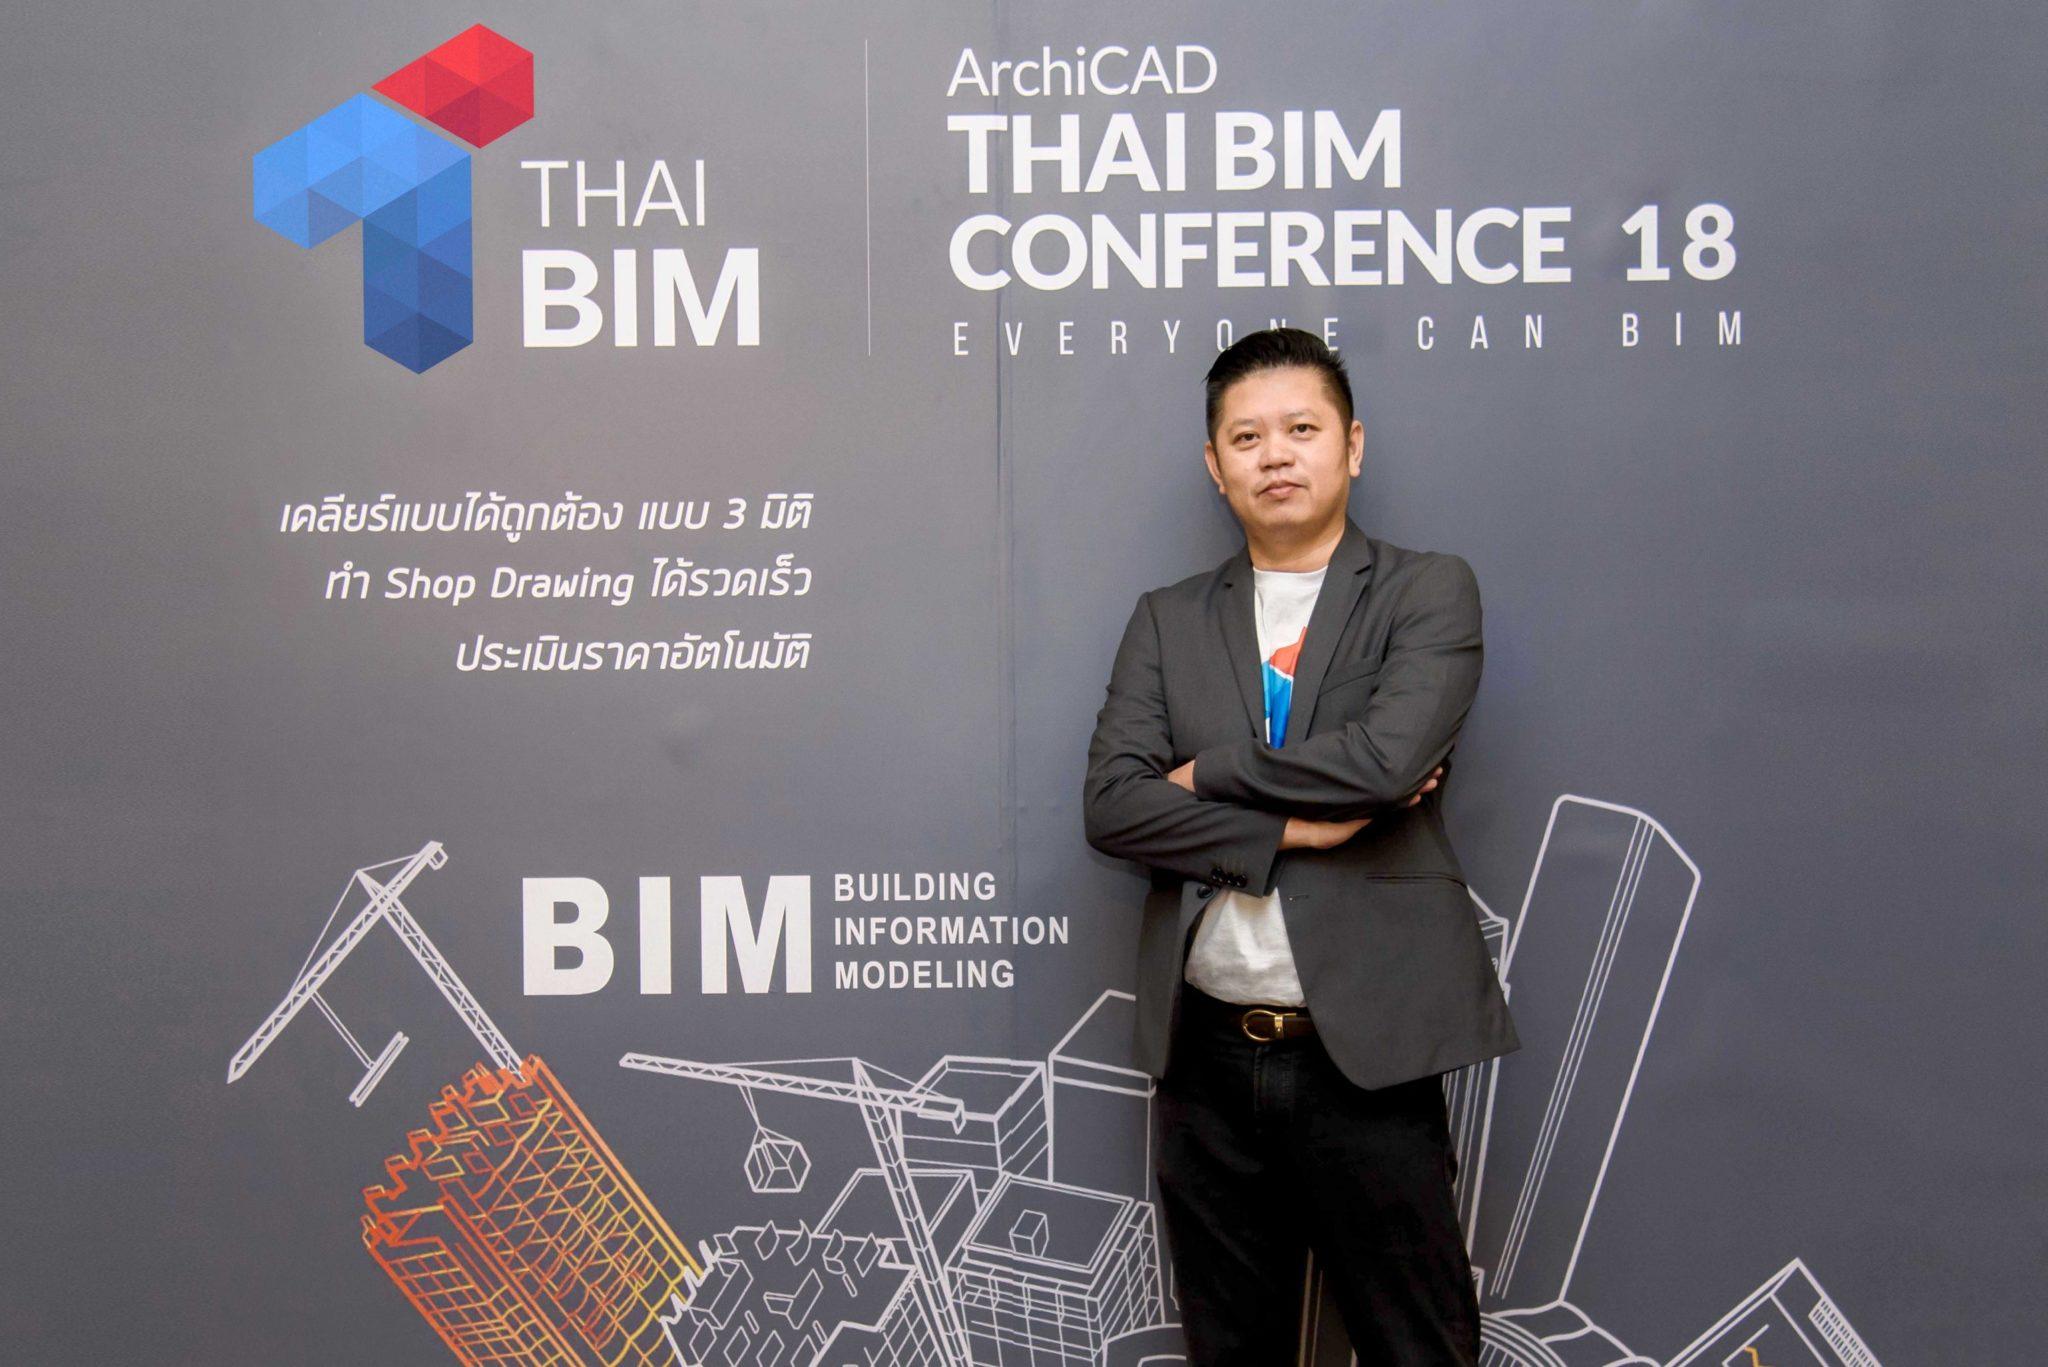 แอพพลิแคด ลุยตลาดซอฟต์แวร์ยกระดับอุตสาหกรรมออกแบบสถาปัตย์ และรับเหมาก่อสร้างไทยจัดงาน ArchiCAD Thai BIM Conference 2018 13 -